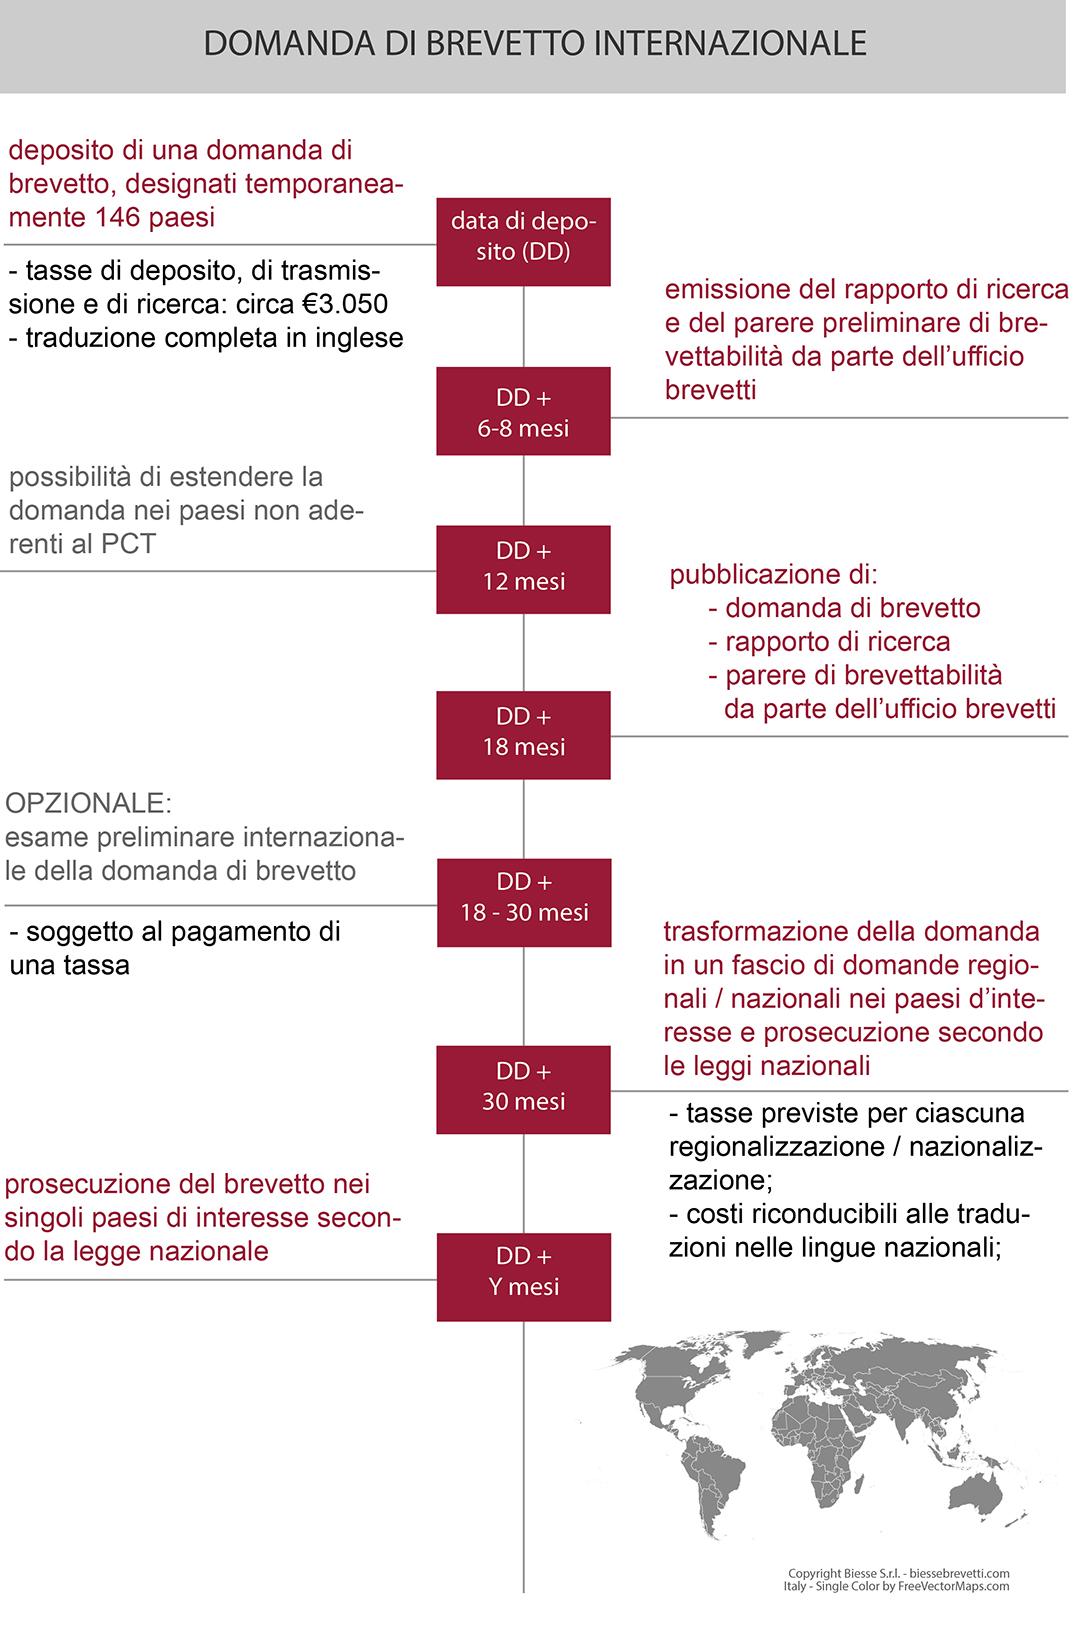 domanda-di-brevetto-internazionale